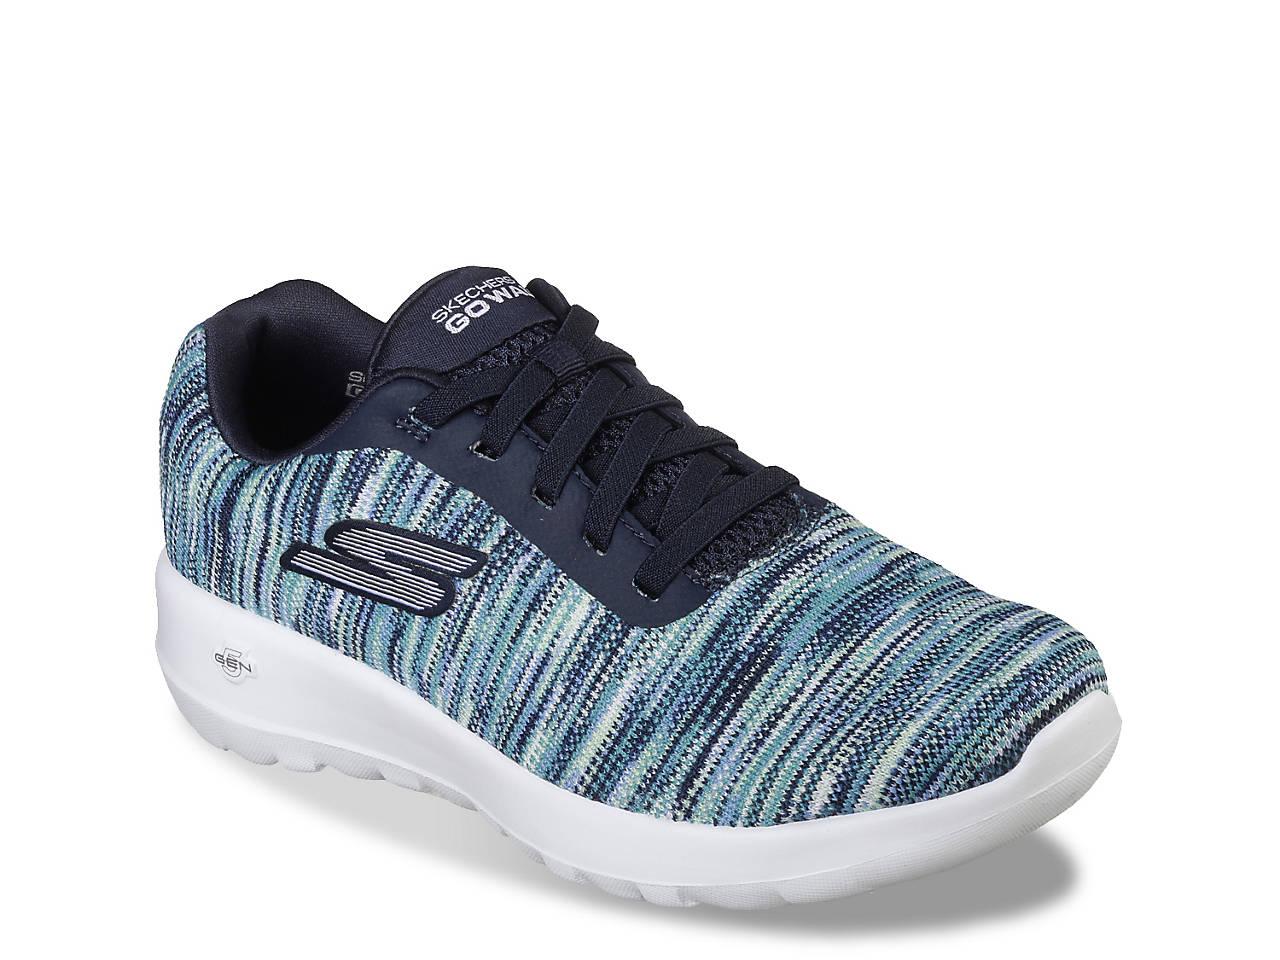 4002a1c90431 Skechers GOwalk Joy Invite Sneaker - Women s Women s Shoes